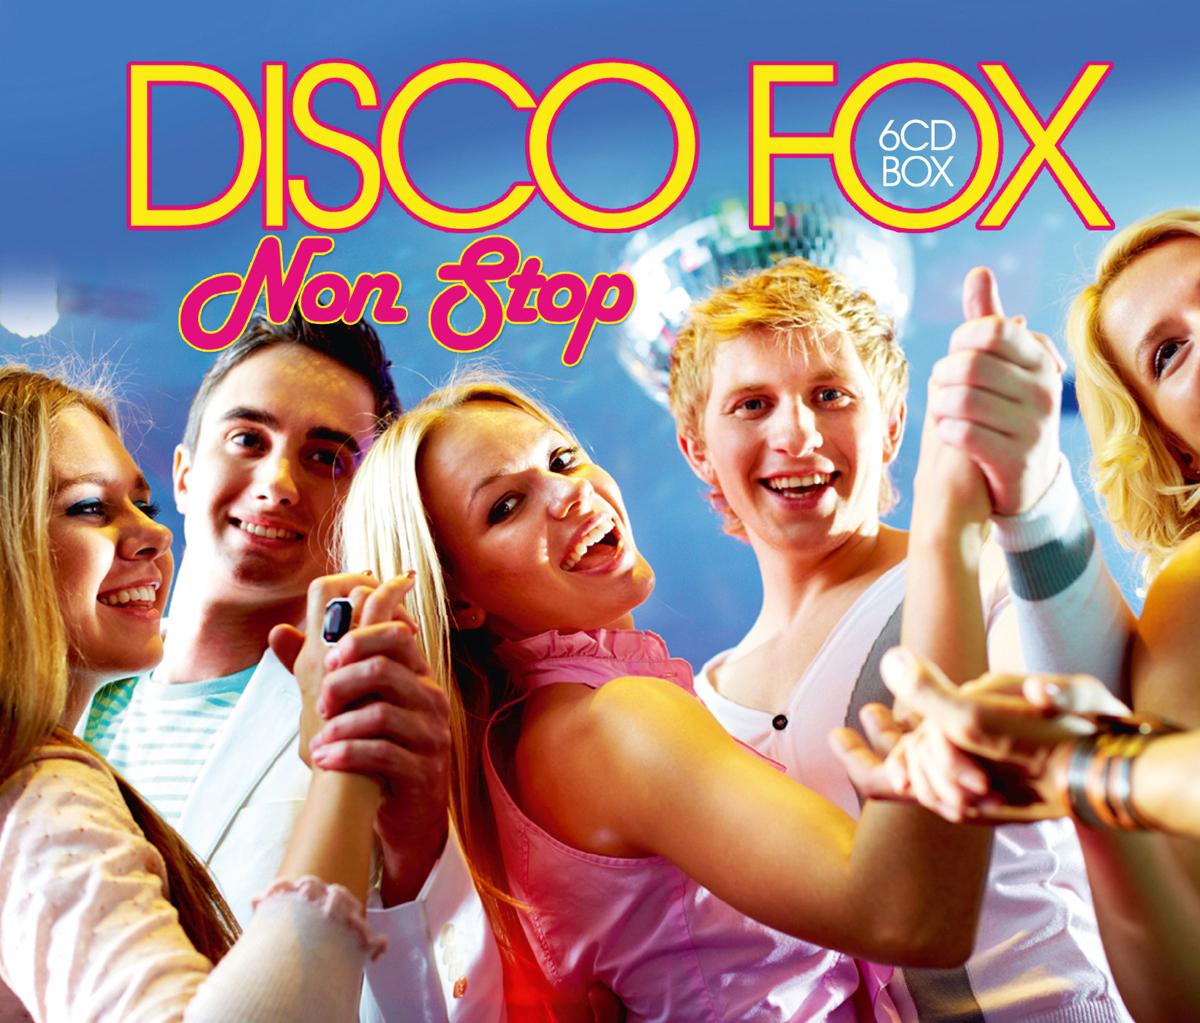 Disco Fox Non Stop (6 CD) deutscher disco fox 2011 2 cd